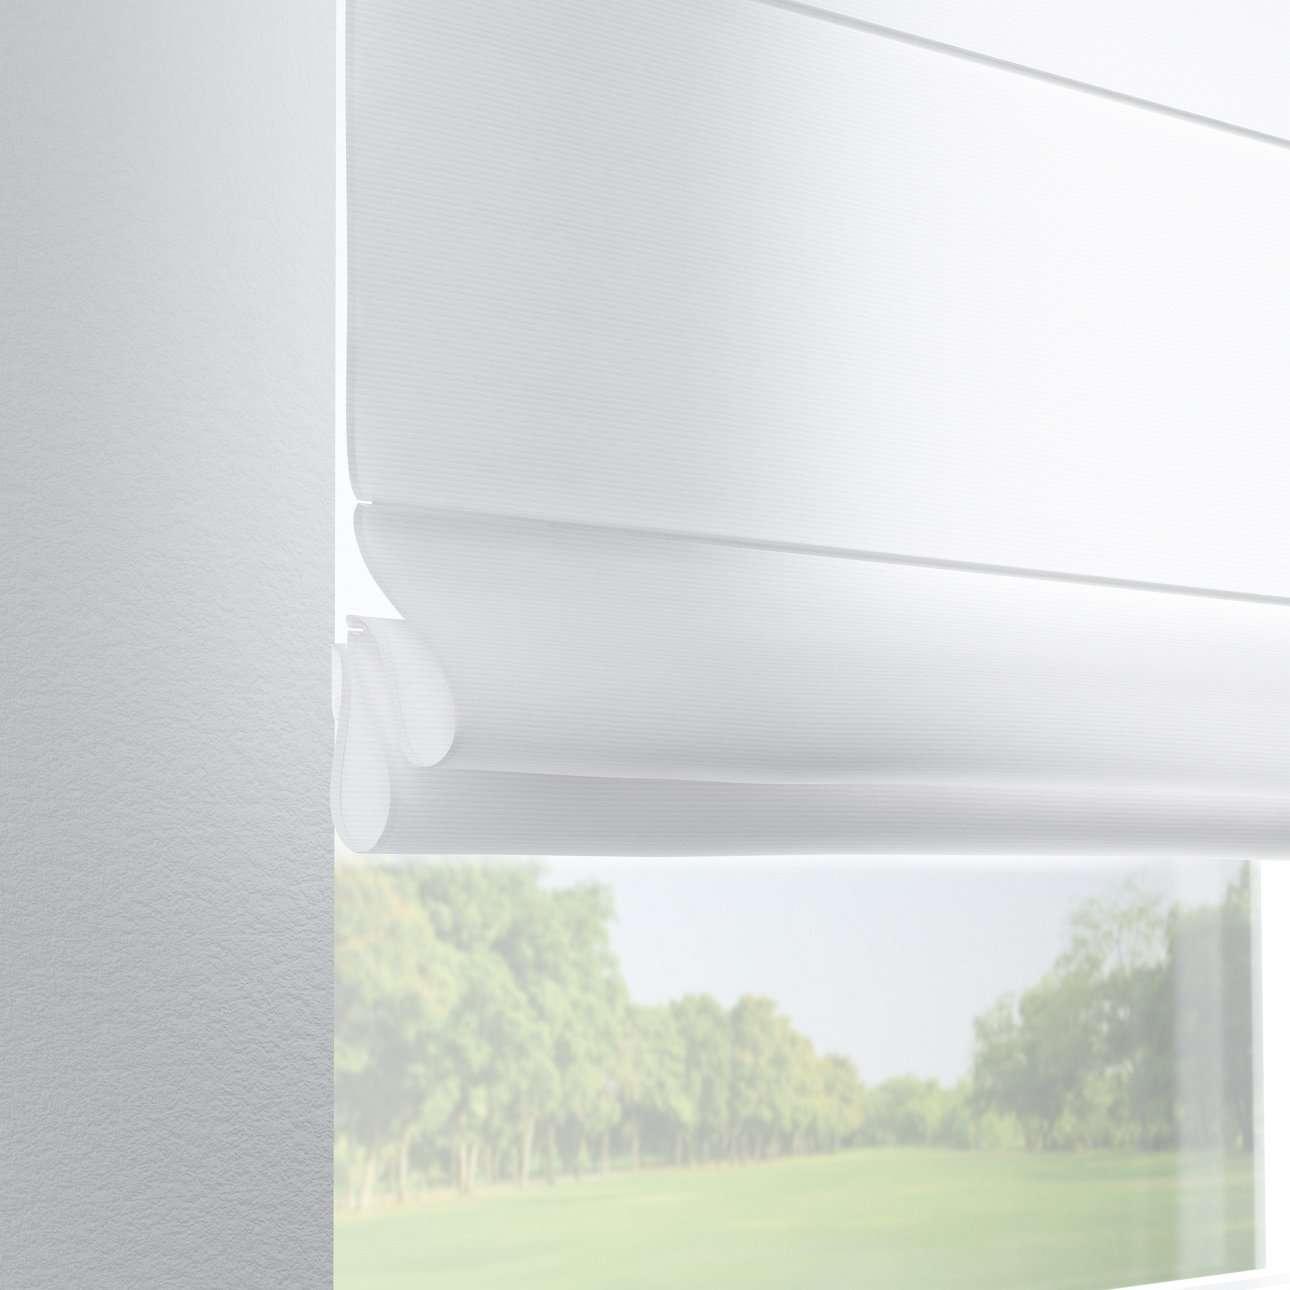 Foldegardin Verona<br/>Med stropper til gardinstang 80 x 170 cm fra kollektionen Jupiter, Stof: 127-01